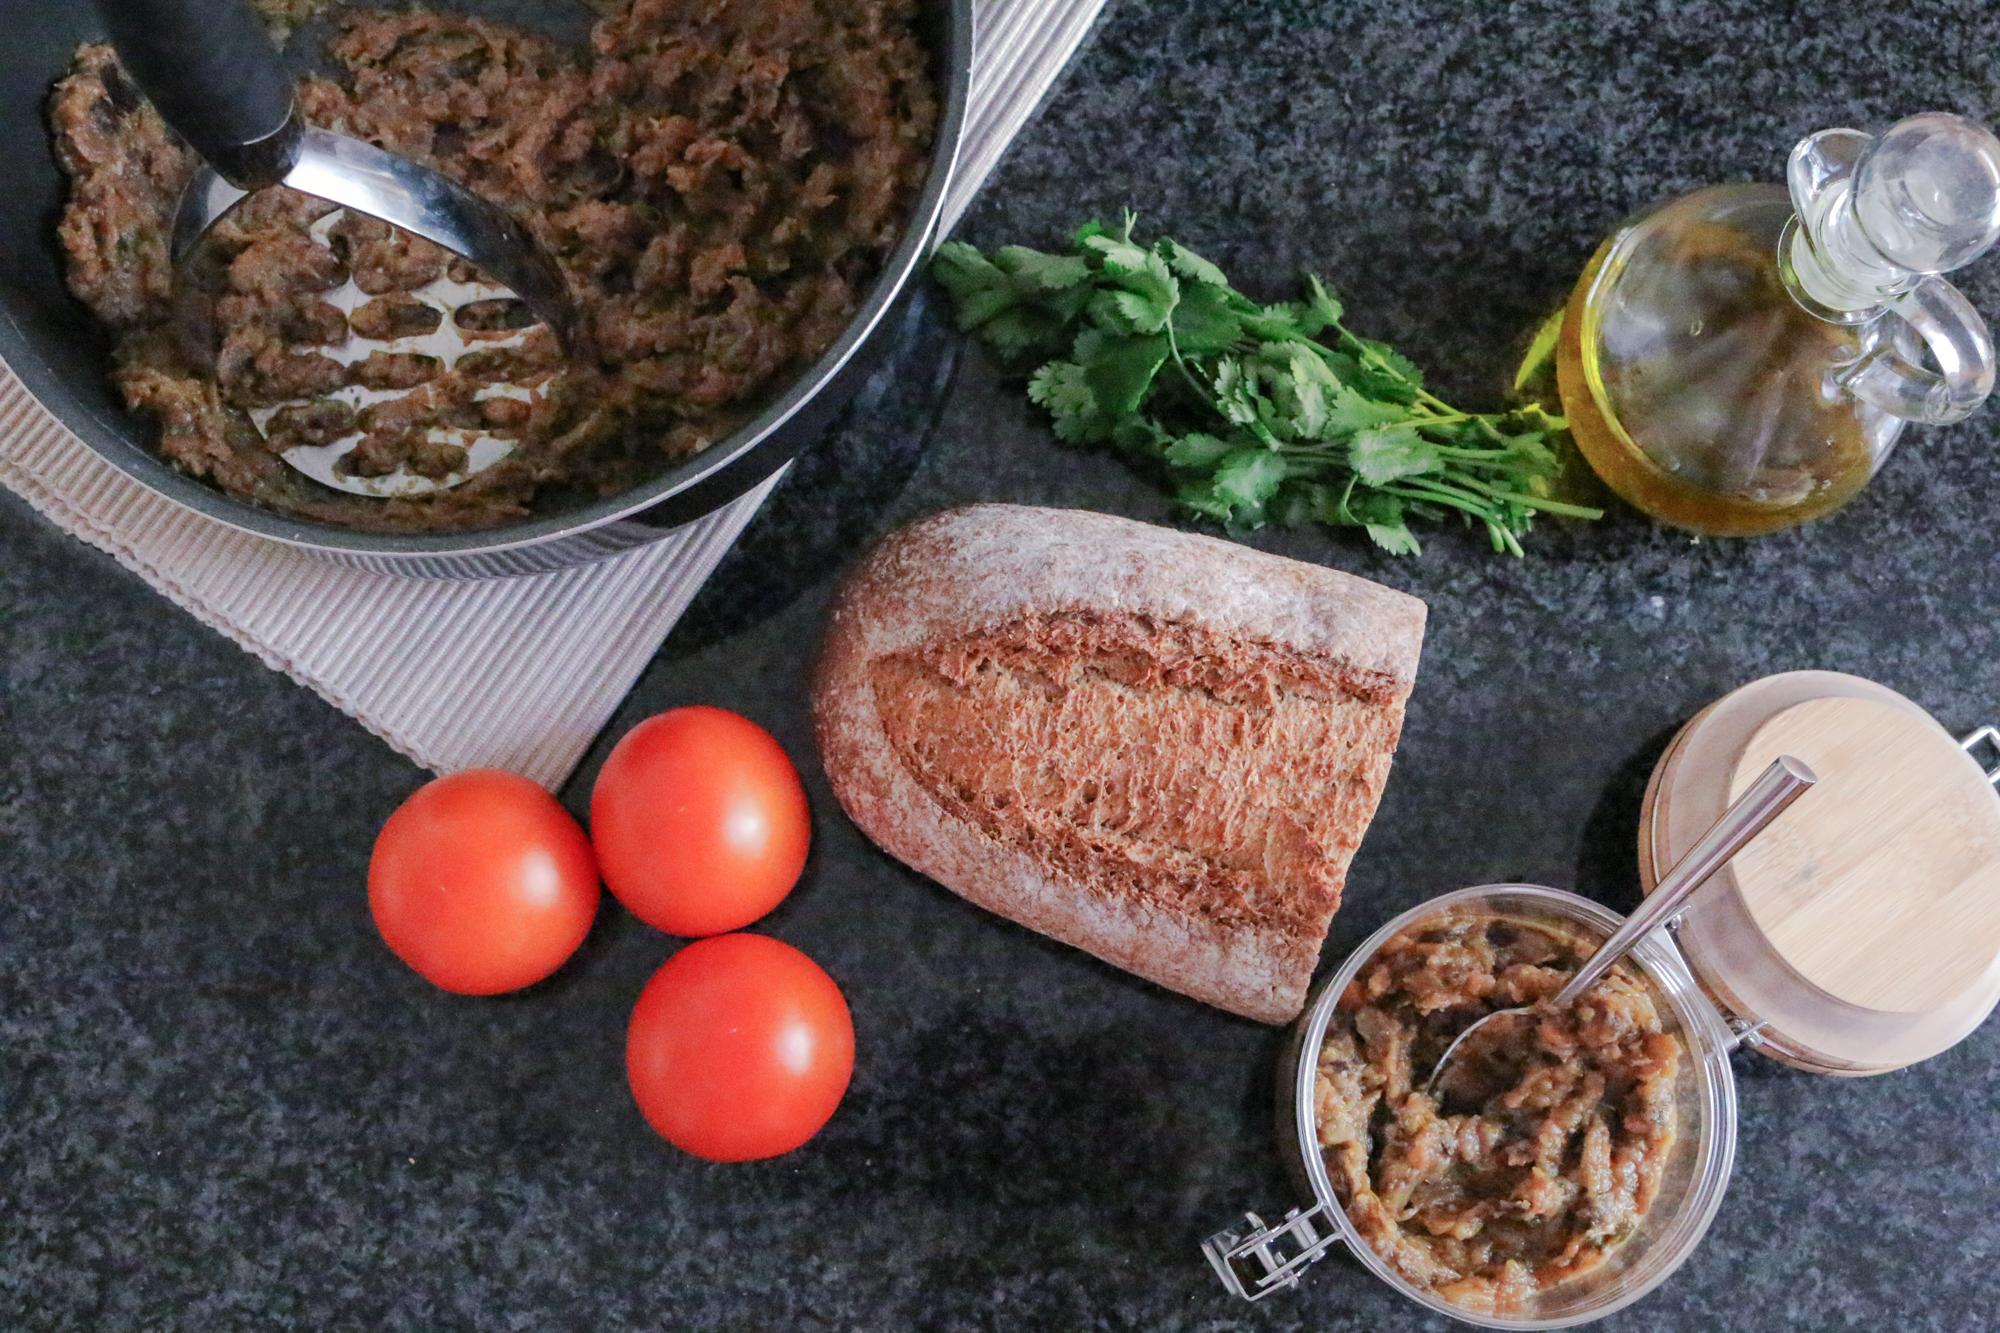 摩洛哥茄子沙拉